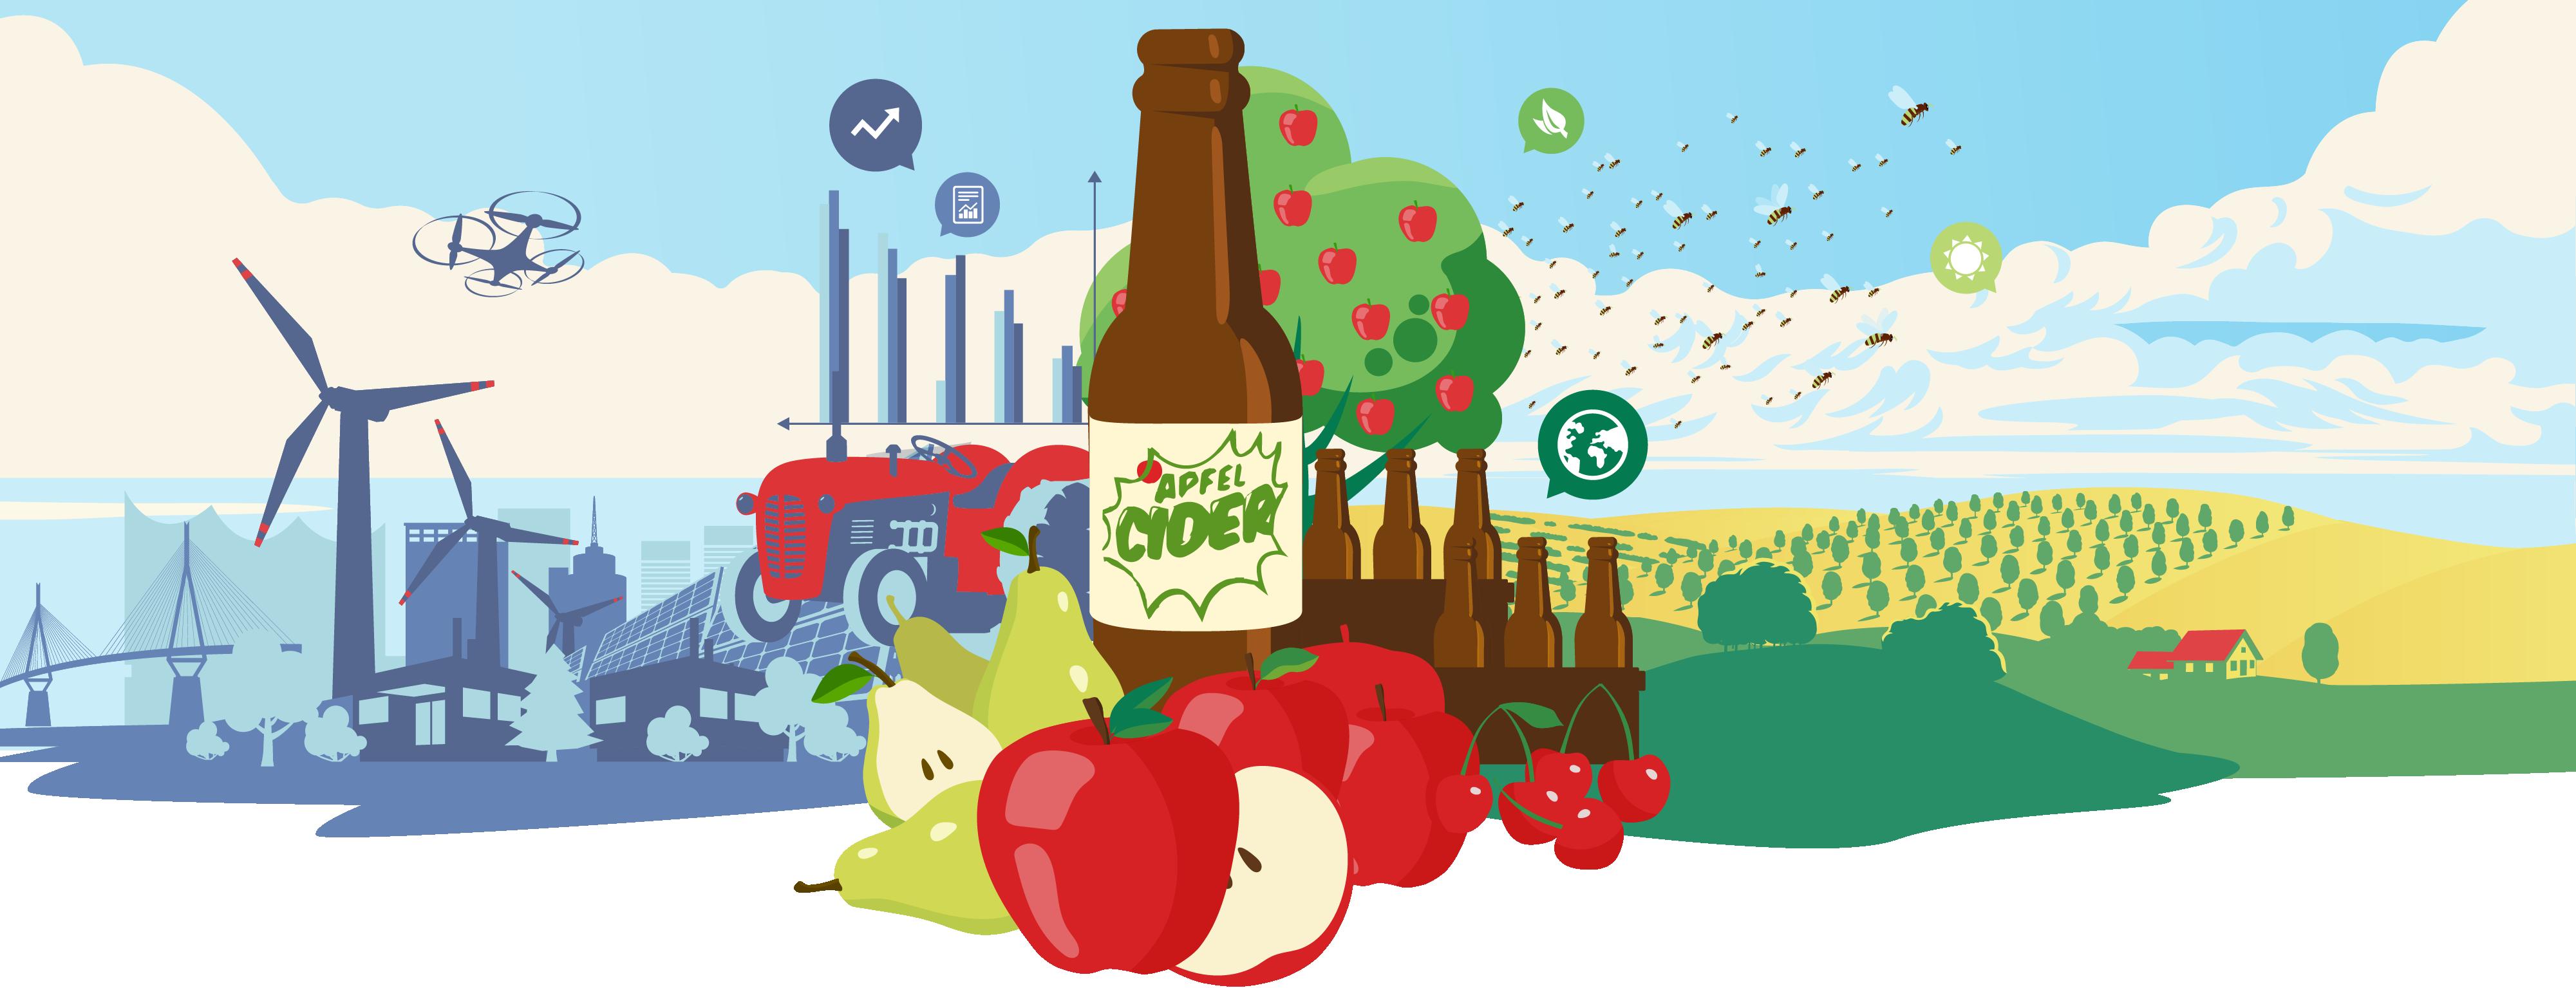 Am 11. Januar ist der Tag des Apfels